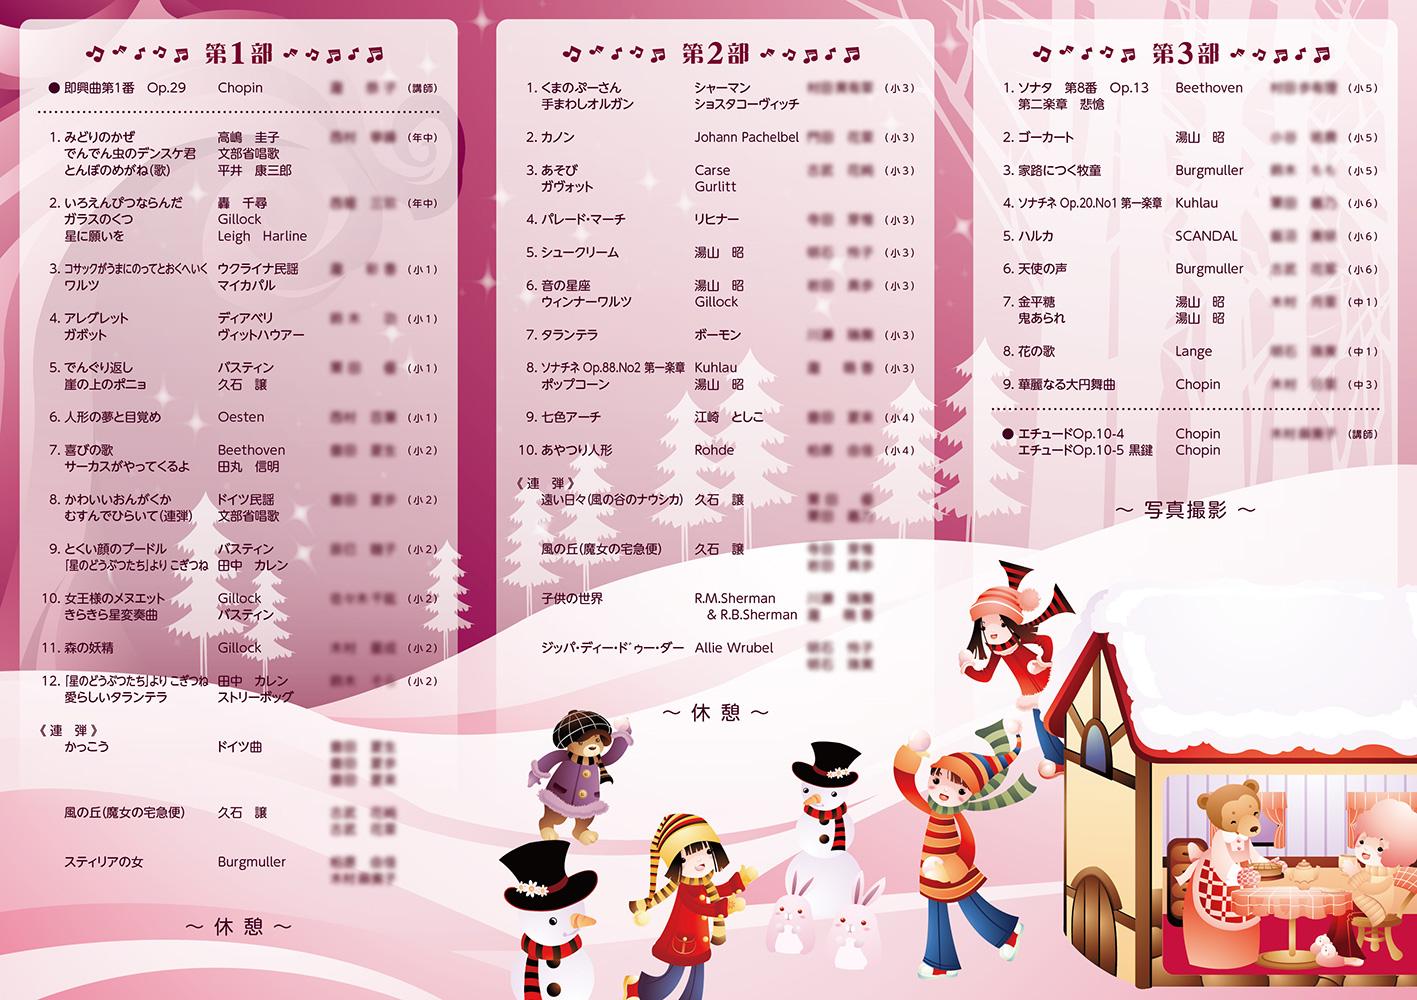 2013 ぽこあぽこの会 ピアノ演奏会プログラム